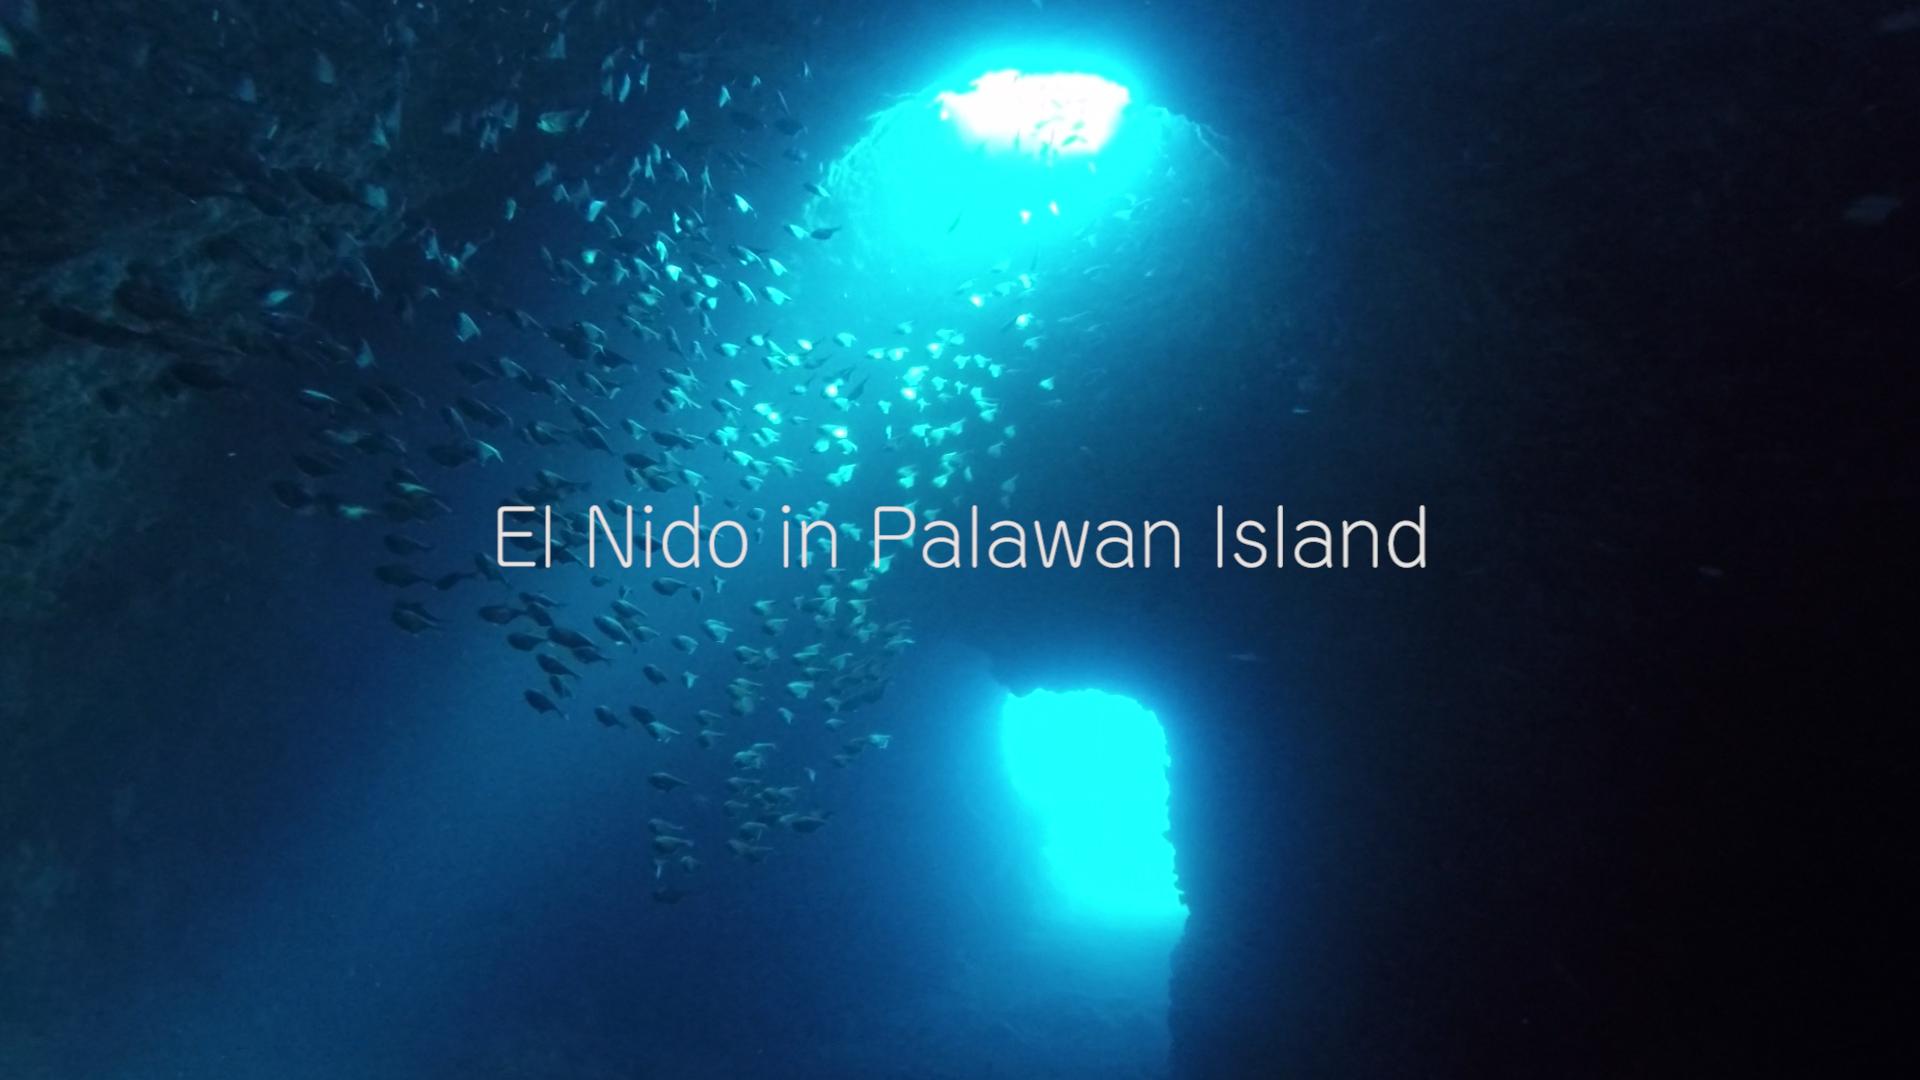 パラワン諸島・エルニドダイビングのサムネ画像